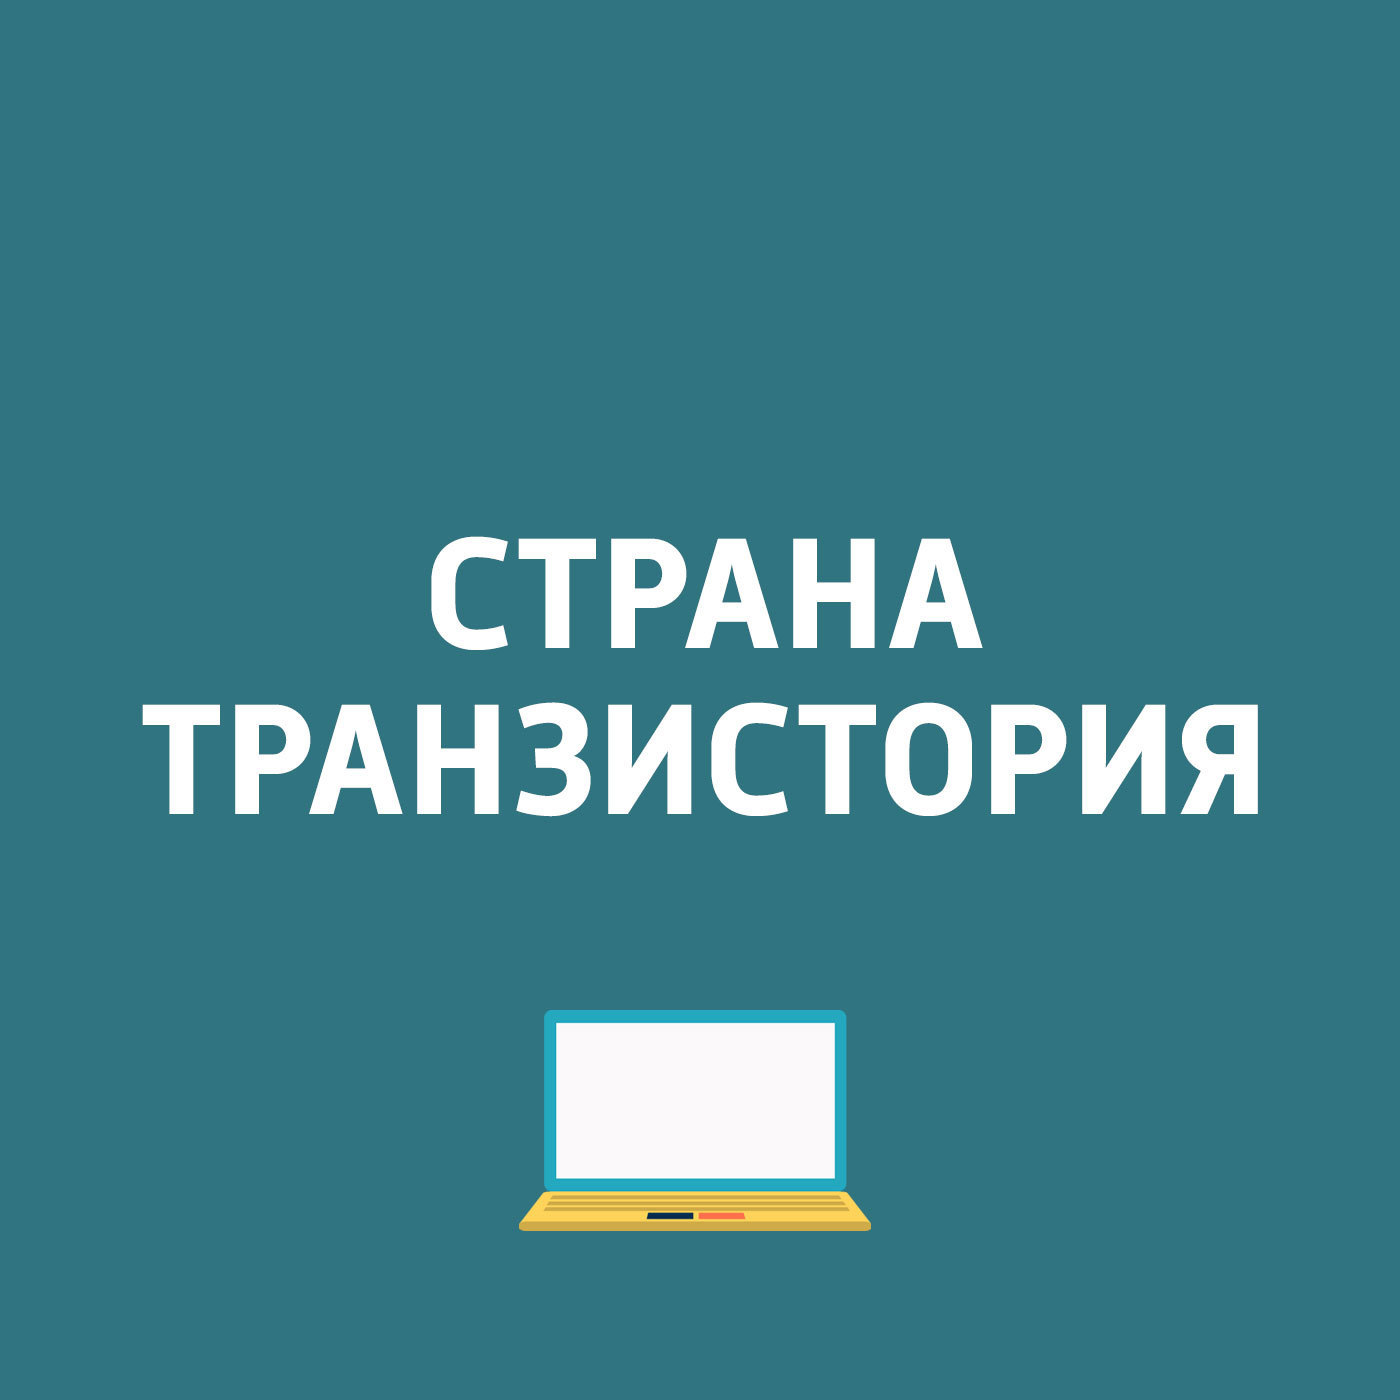 Картаев Павел Xperia XZ2 и Xperia XZ2 Compact картаев павел sony xperia x performance в рф huawei новый планшет секретные чаты в фб